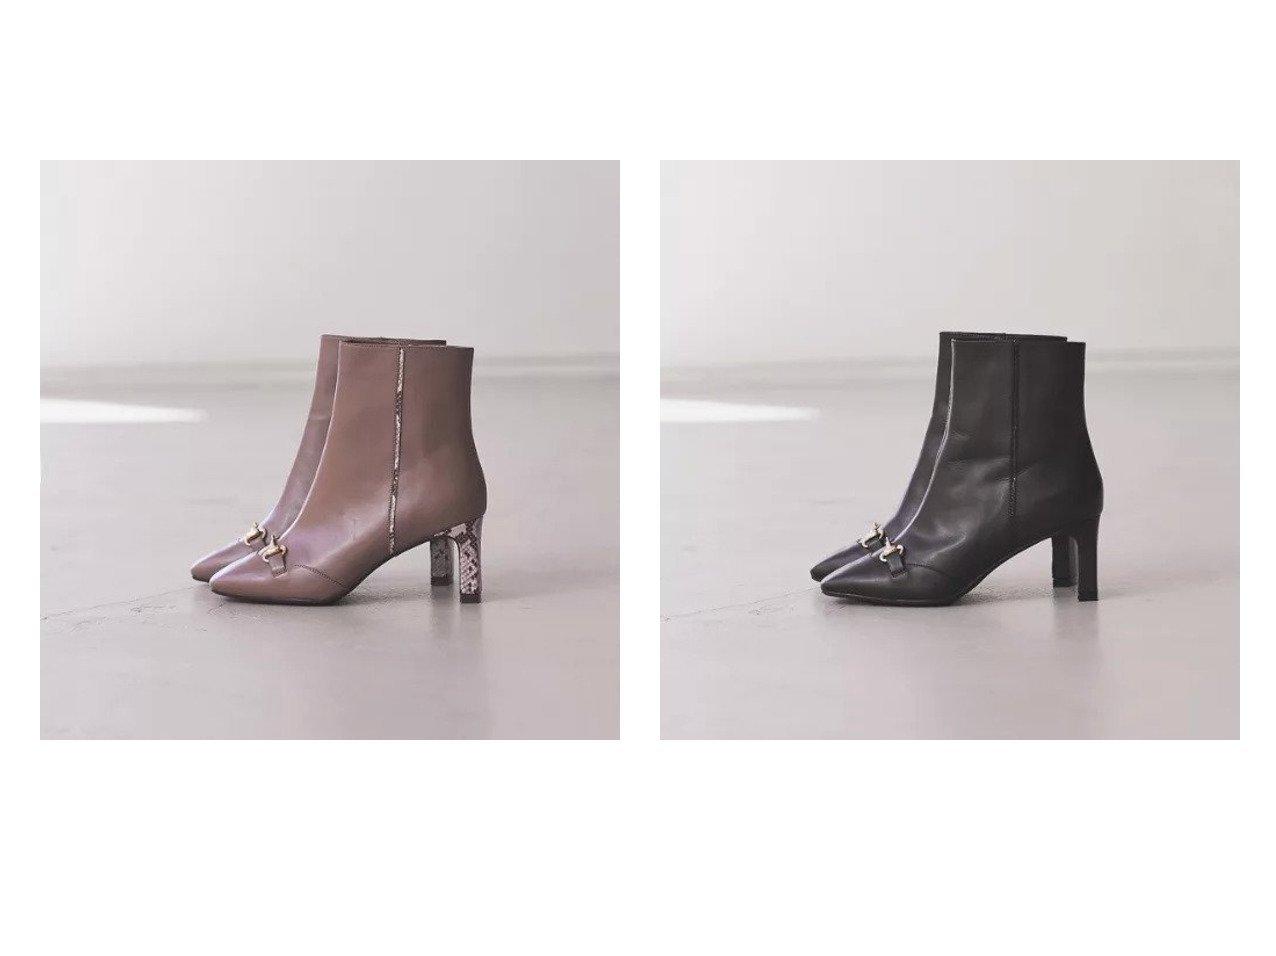 【Piche Abahouse/ピシェ アバハウス】の【スノーソール】ビットスクエアトゥブーツ シューズ・靴のおすすめ!人気トレンド・レディースファッションの通販 おすすめで人気のファッション通販商品 インテリア・家具・キッズファッション・メンズファッション・レディースファッション・服の通販 founy(ファニー) https://founy.com/ ファッション Fashion レディース WOMEN シューズ ミドル |ID:crp329100000006576